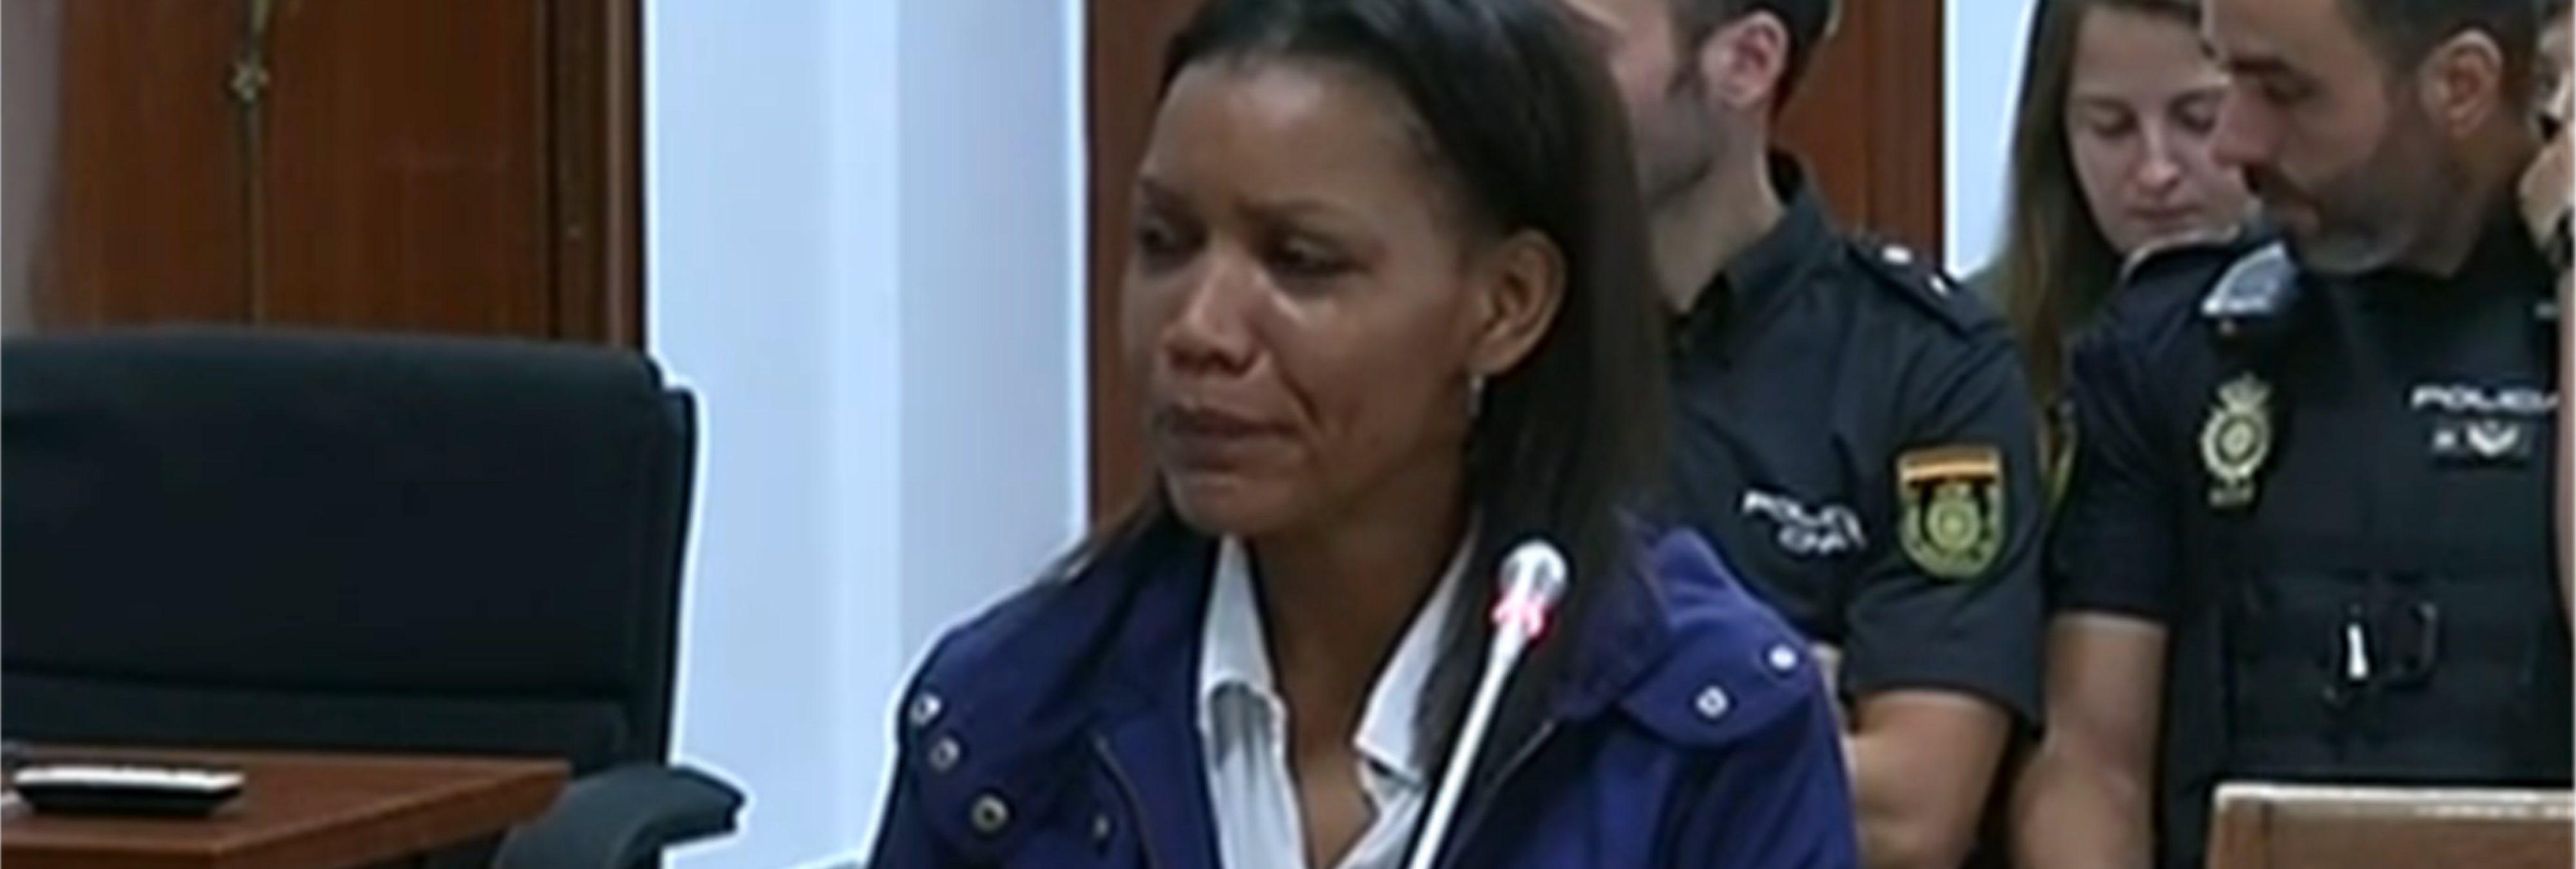 Recta final en el juicio de Ana Julia: el jurado popular aún duda de que fuera asesinato